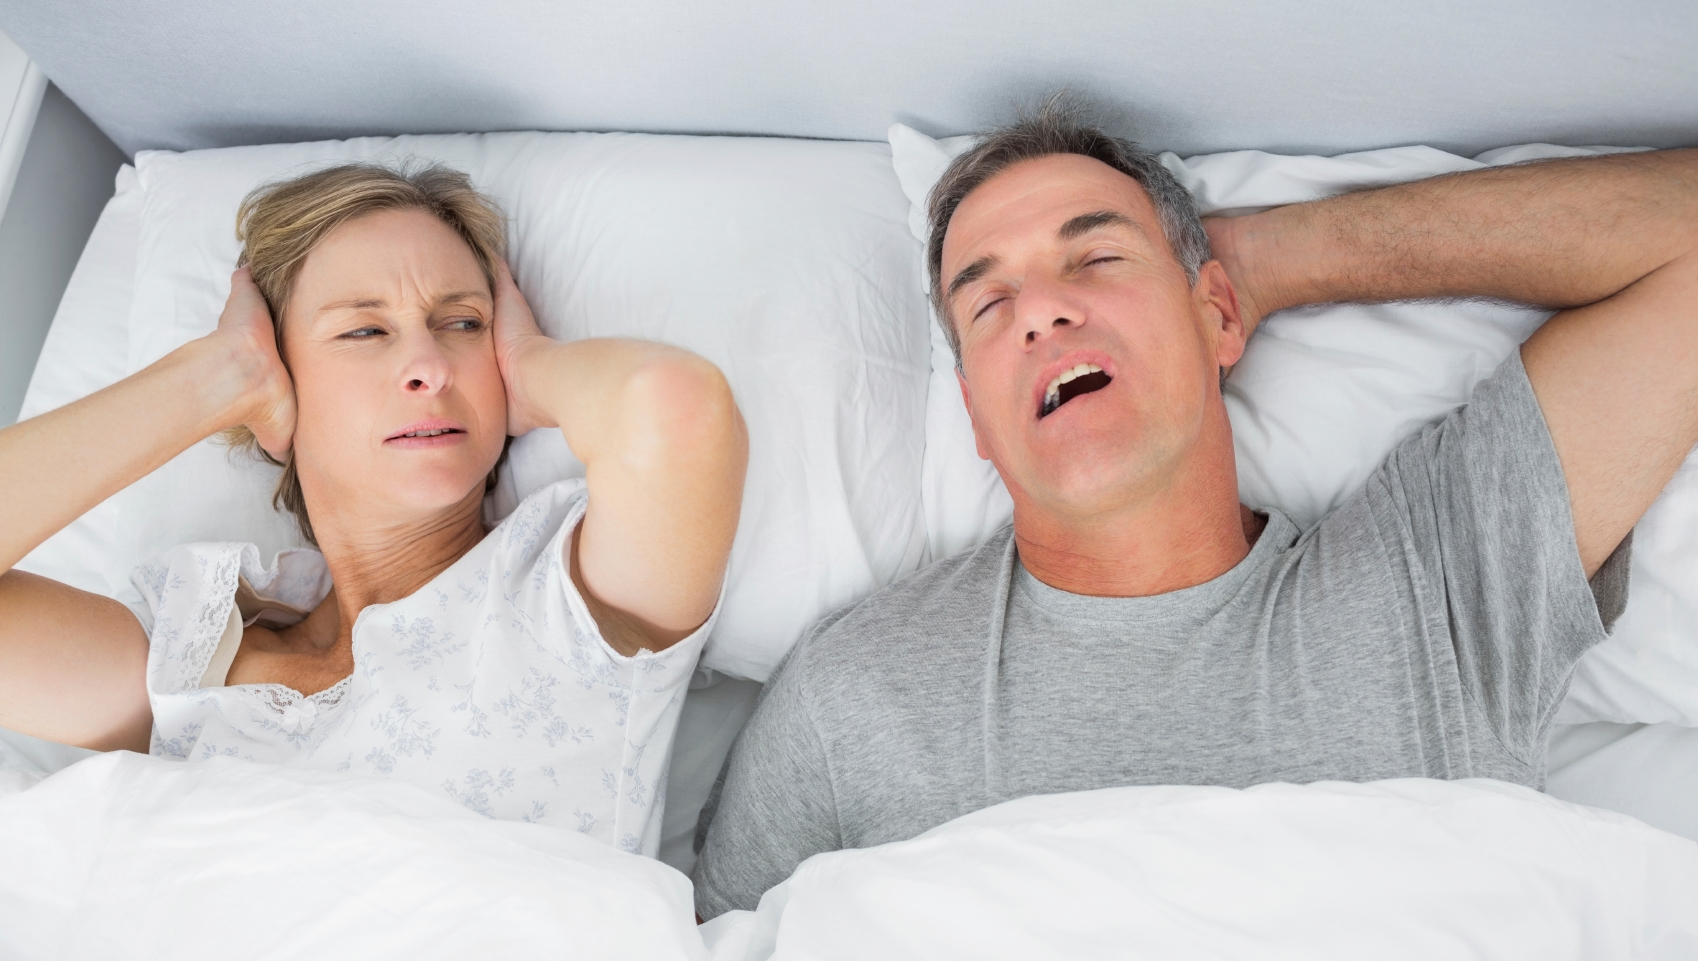 اضافه کردن ۶ غذا به رژیم برای تسکین آپنه خواب